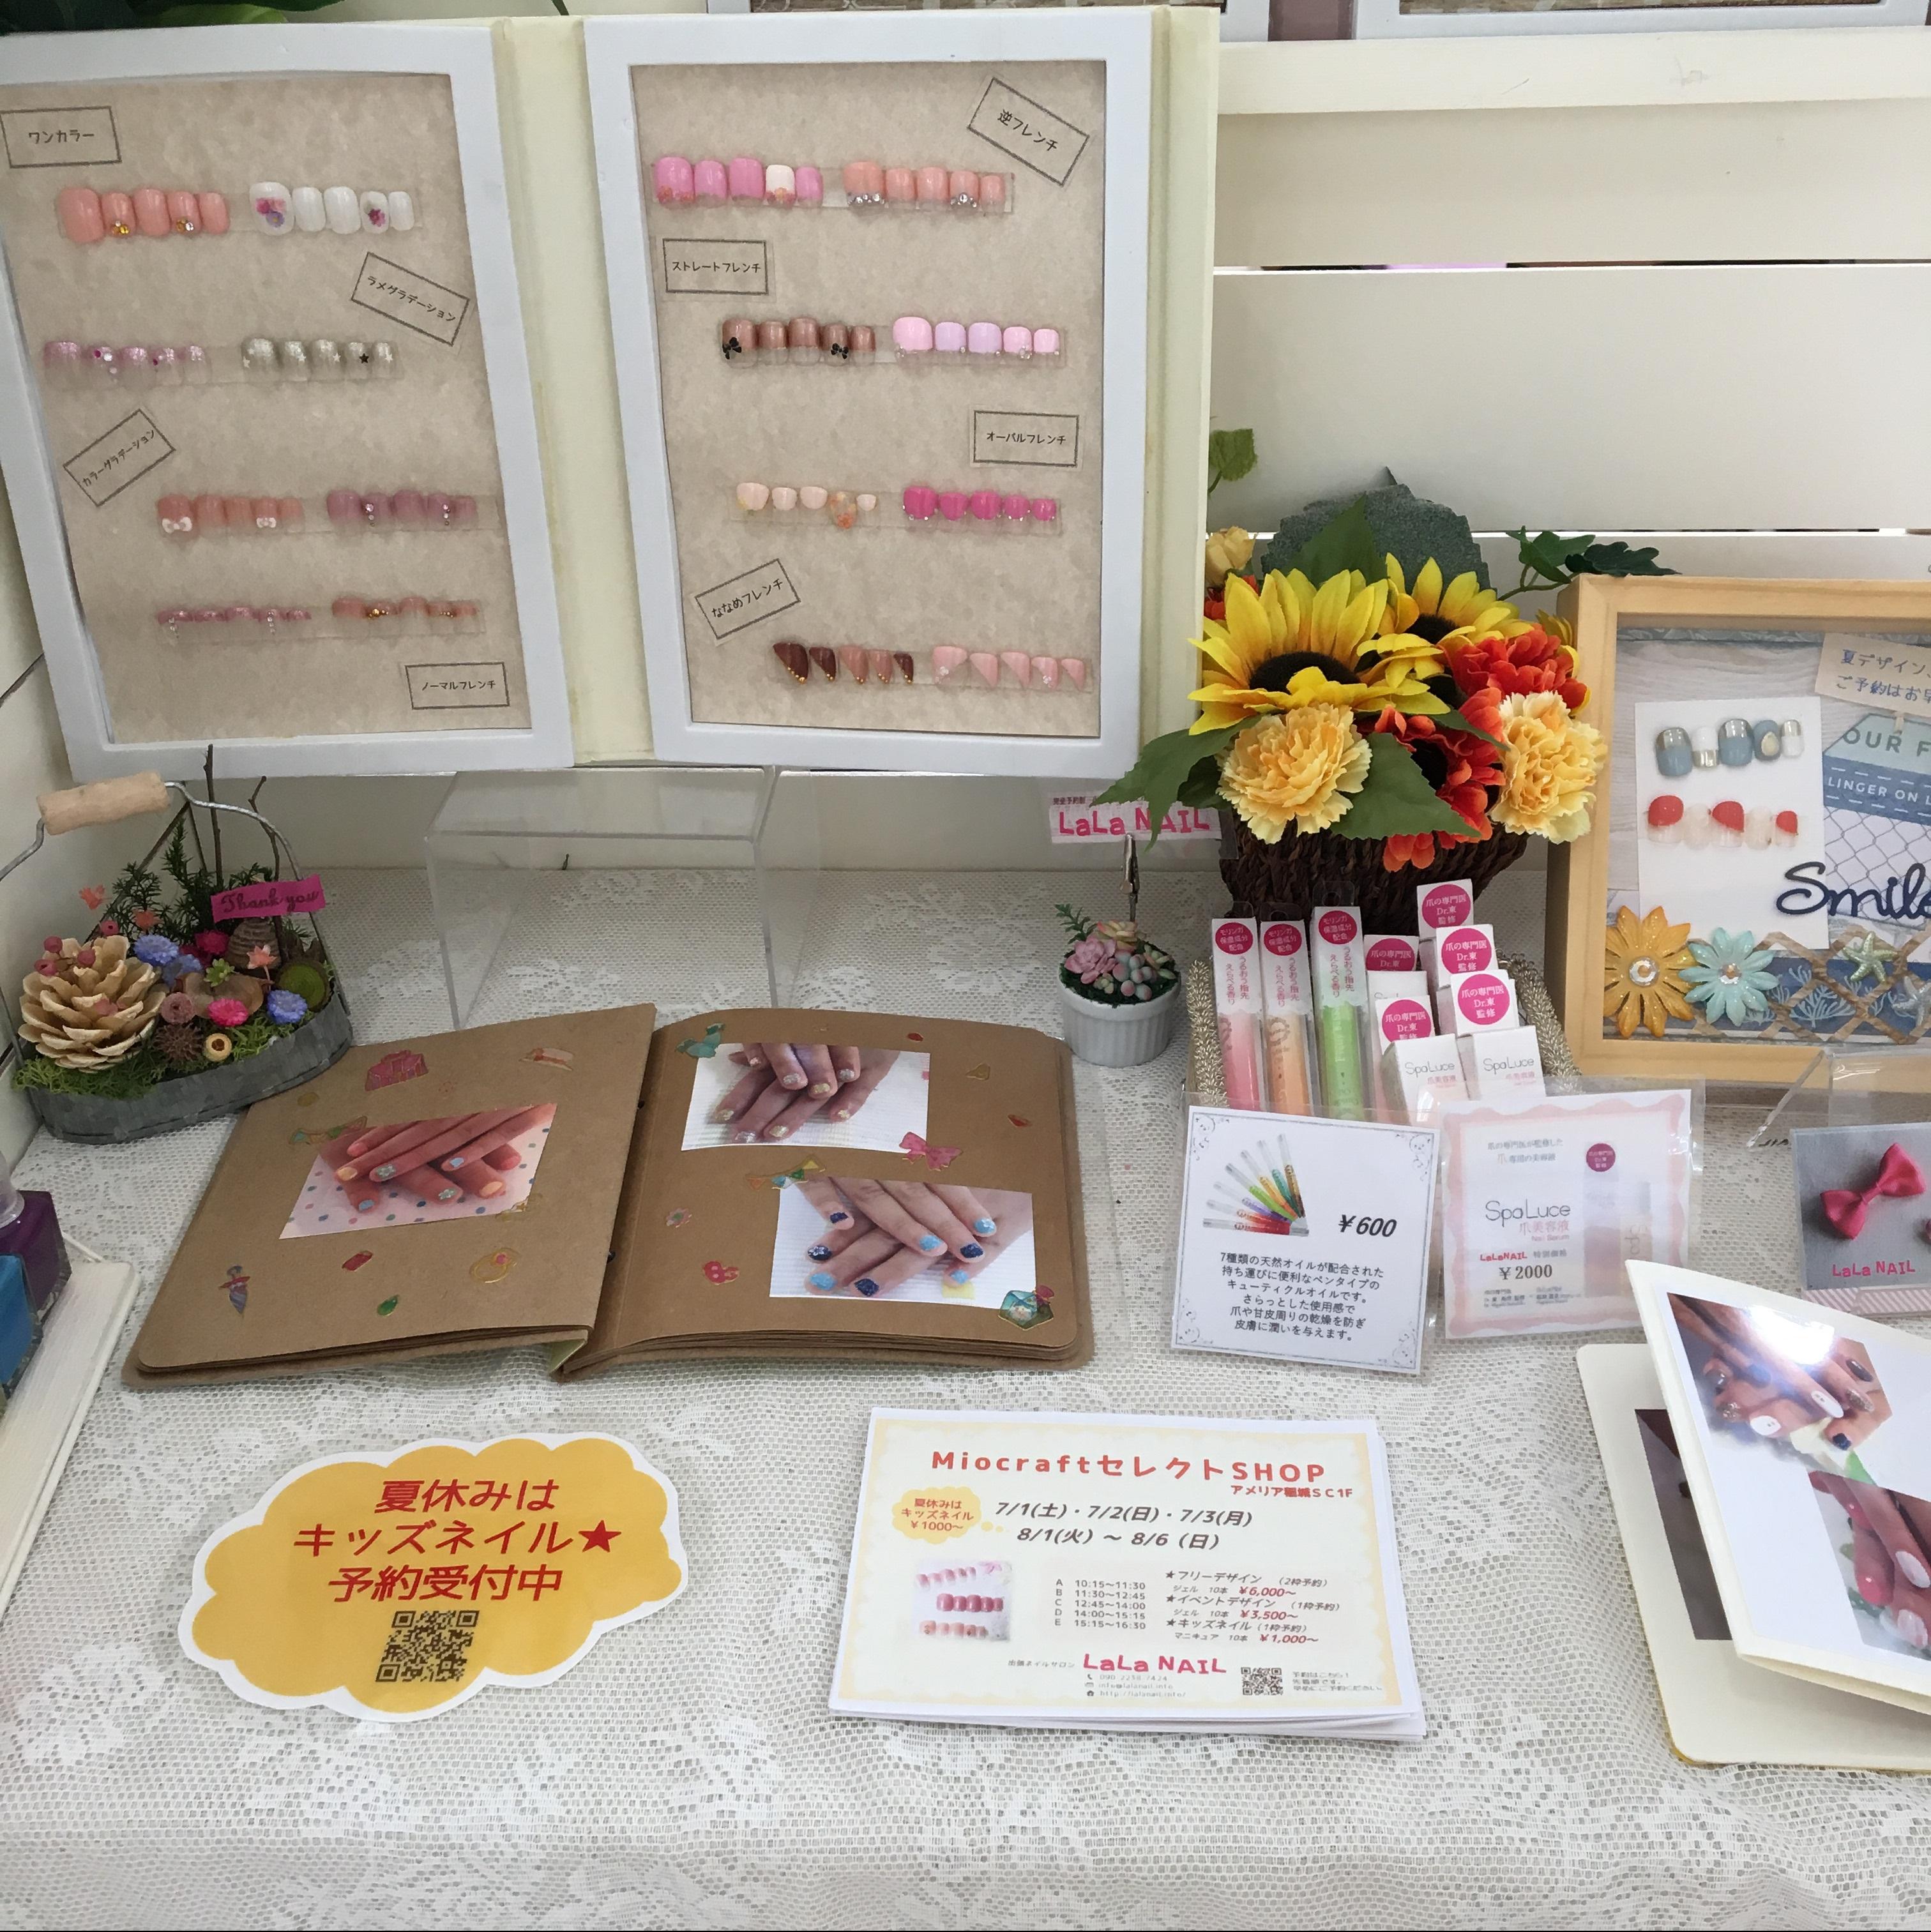 夏ケア 心とカラダ癒しの3日間 最終日